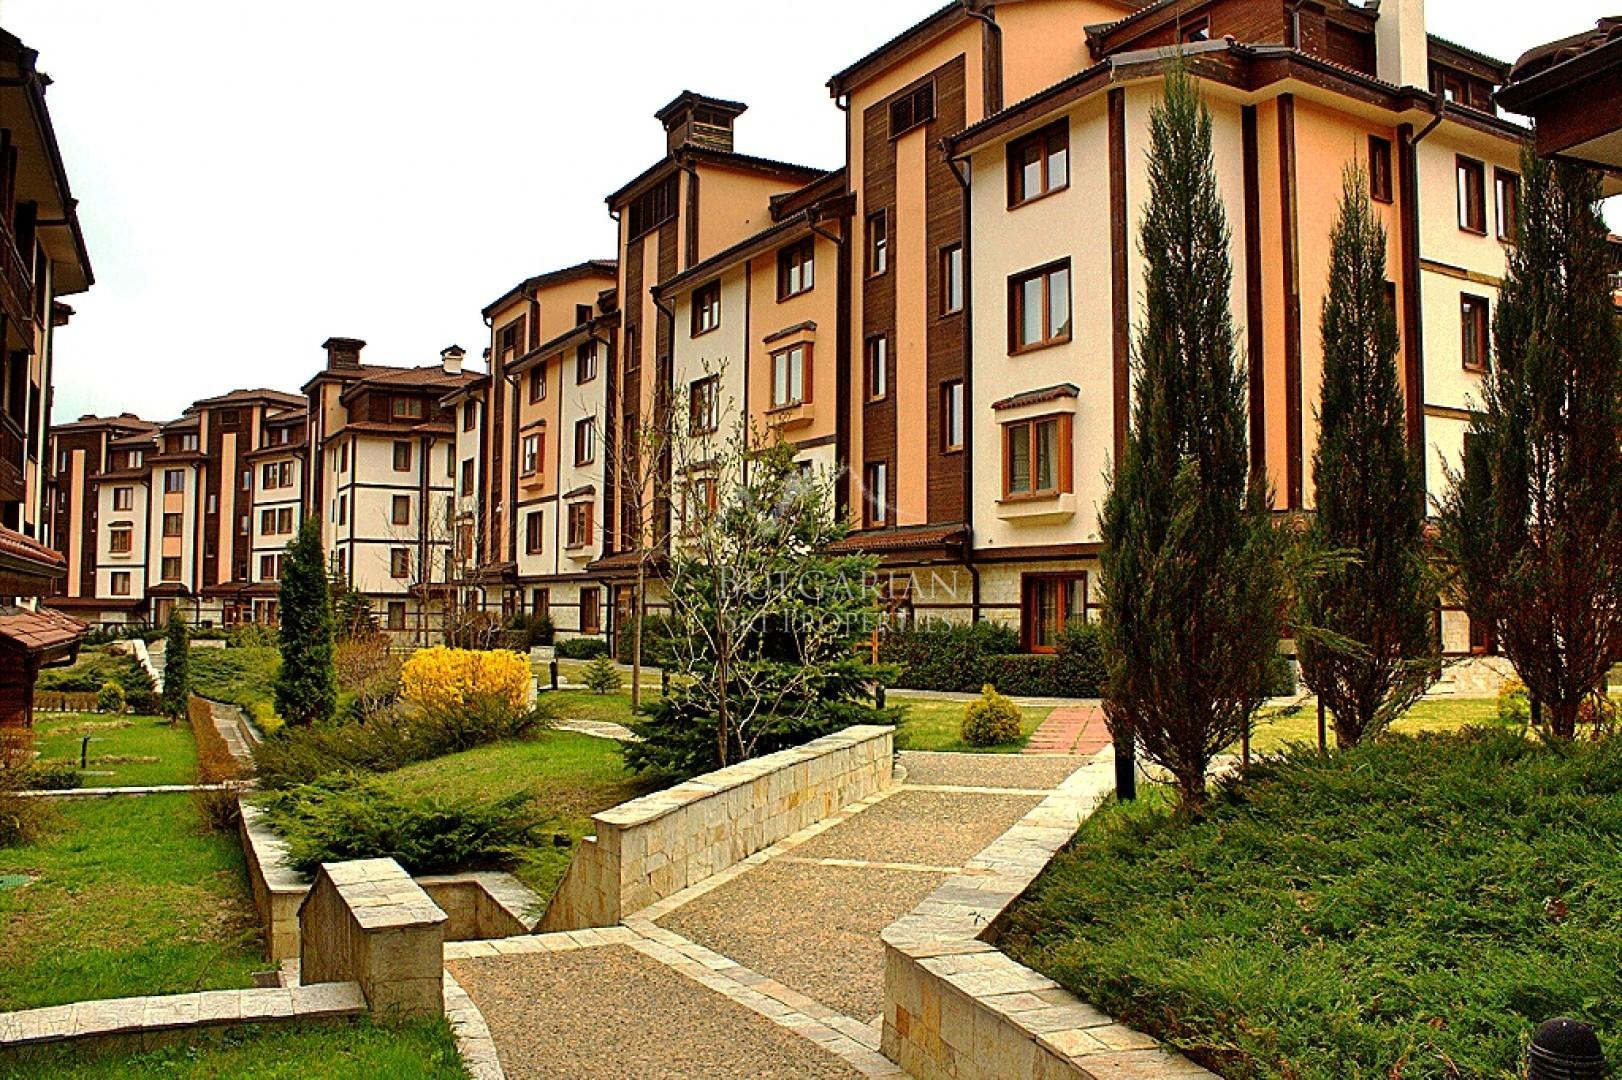 Downtown Ski & Spa: luxury two-bedroom apartment next to the Gondola in Bansko